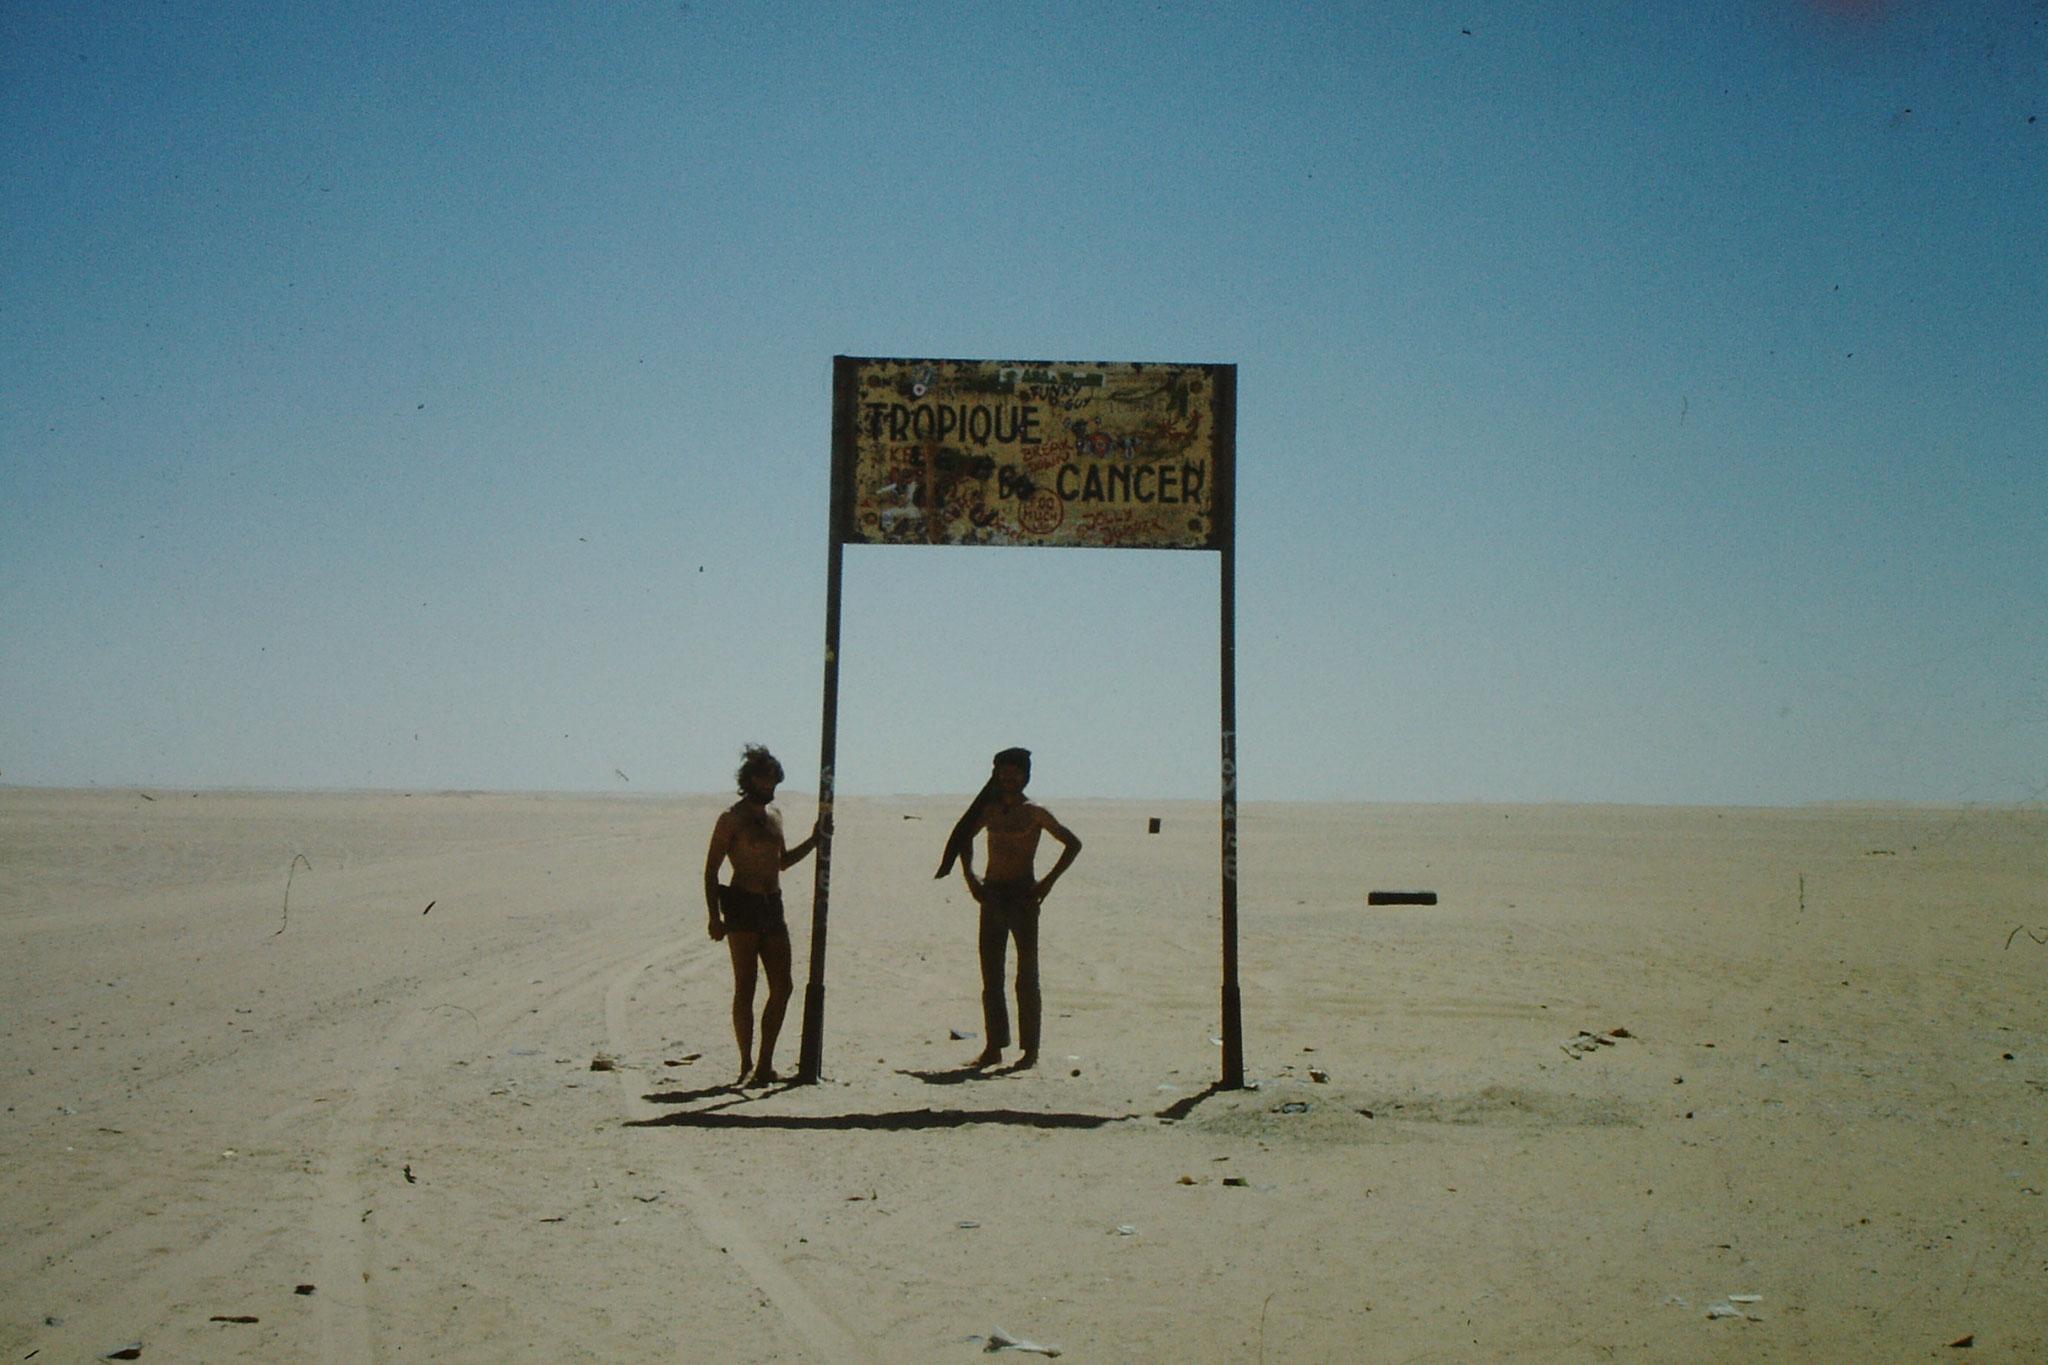 Bei meiner ersten Saharadurchquerung auf der Tanezerouftpiste legten wir beim Schild Tropic du Cancer (Wendekreis des Krebses) einen kurzen Stopp ein.